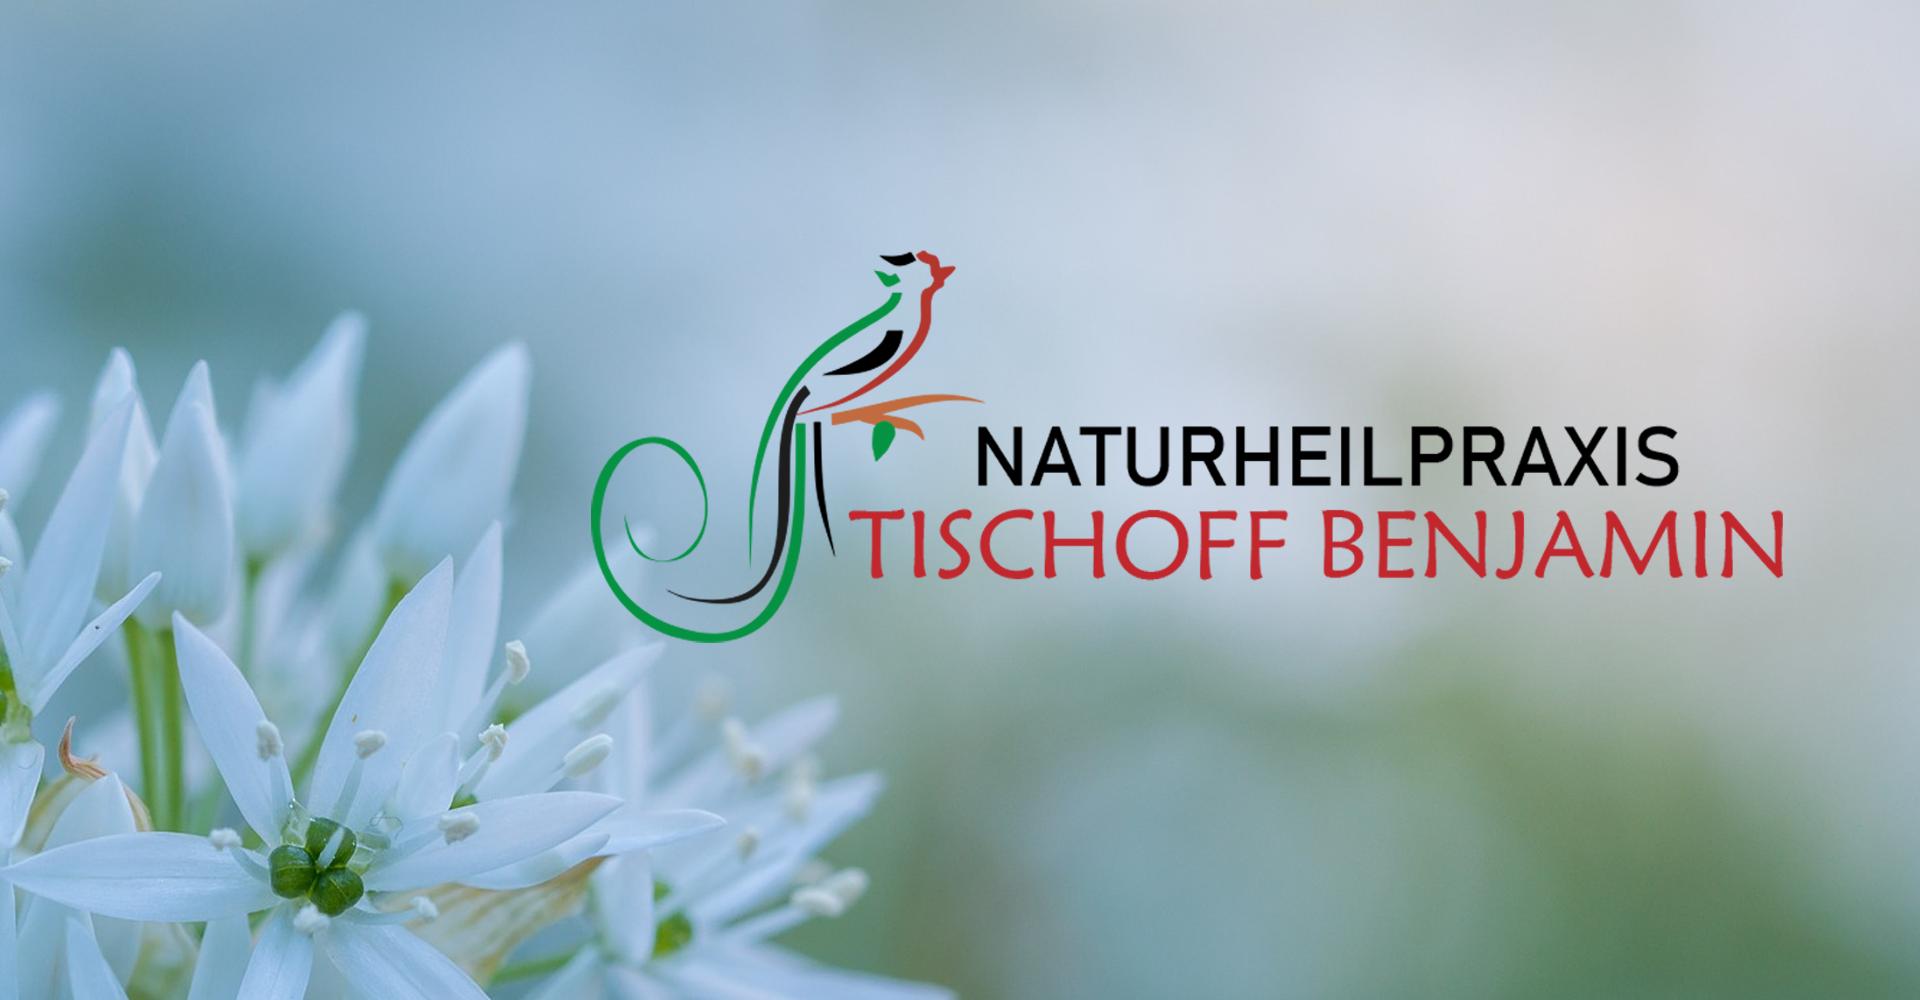 Heilpraktiker Logo, Naturheilpraxis Logo, Sanoquetzal, Quetzal, Logo Naturheilpraxis Benjamin Tischoff